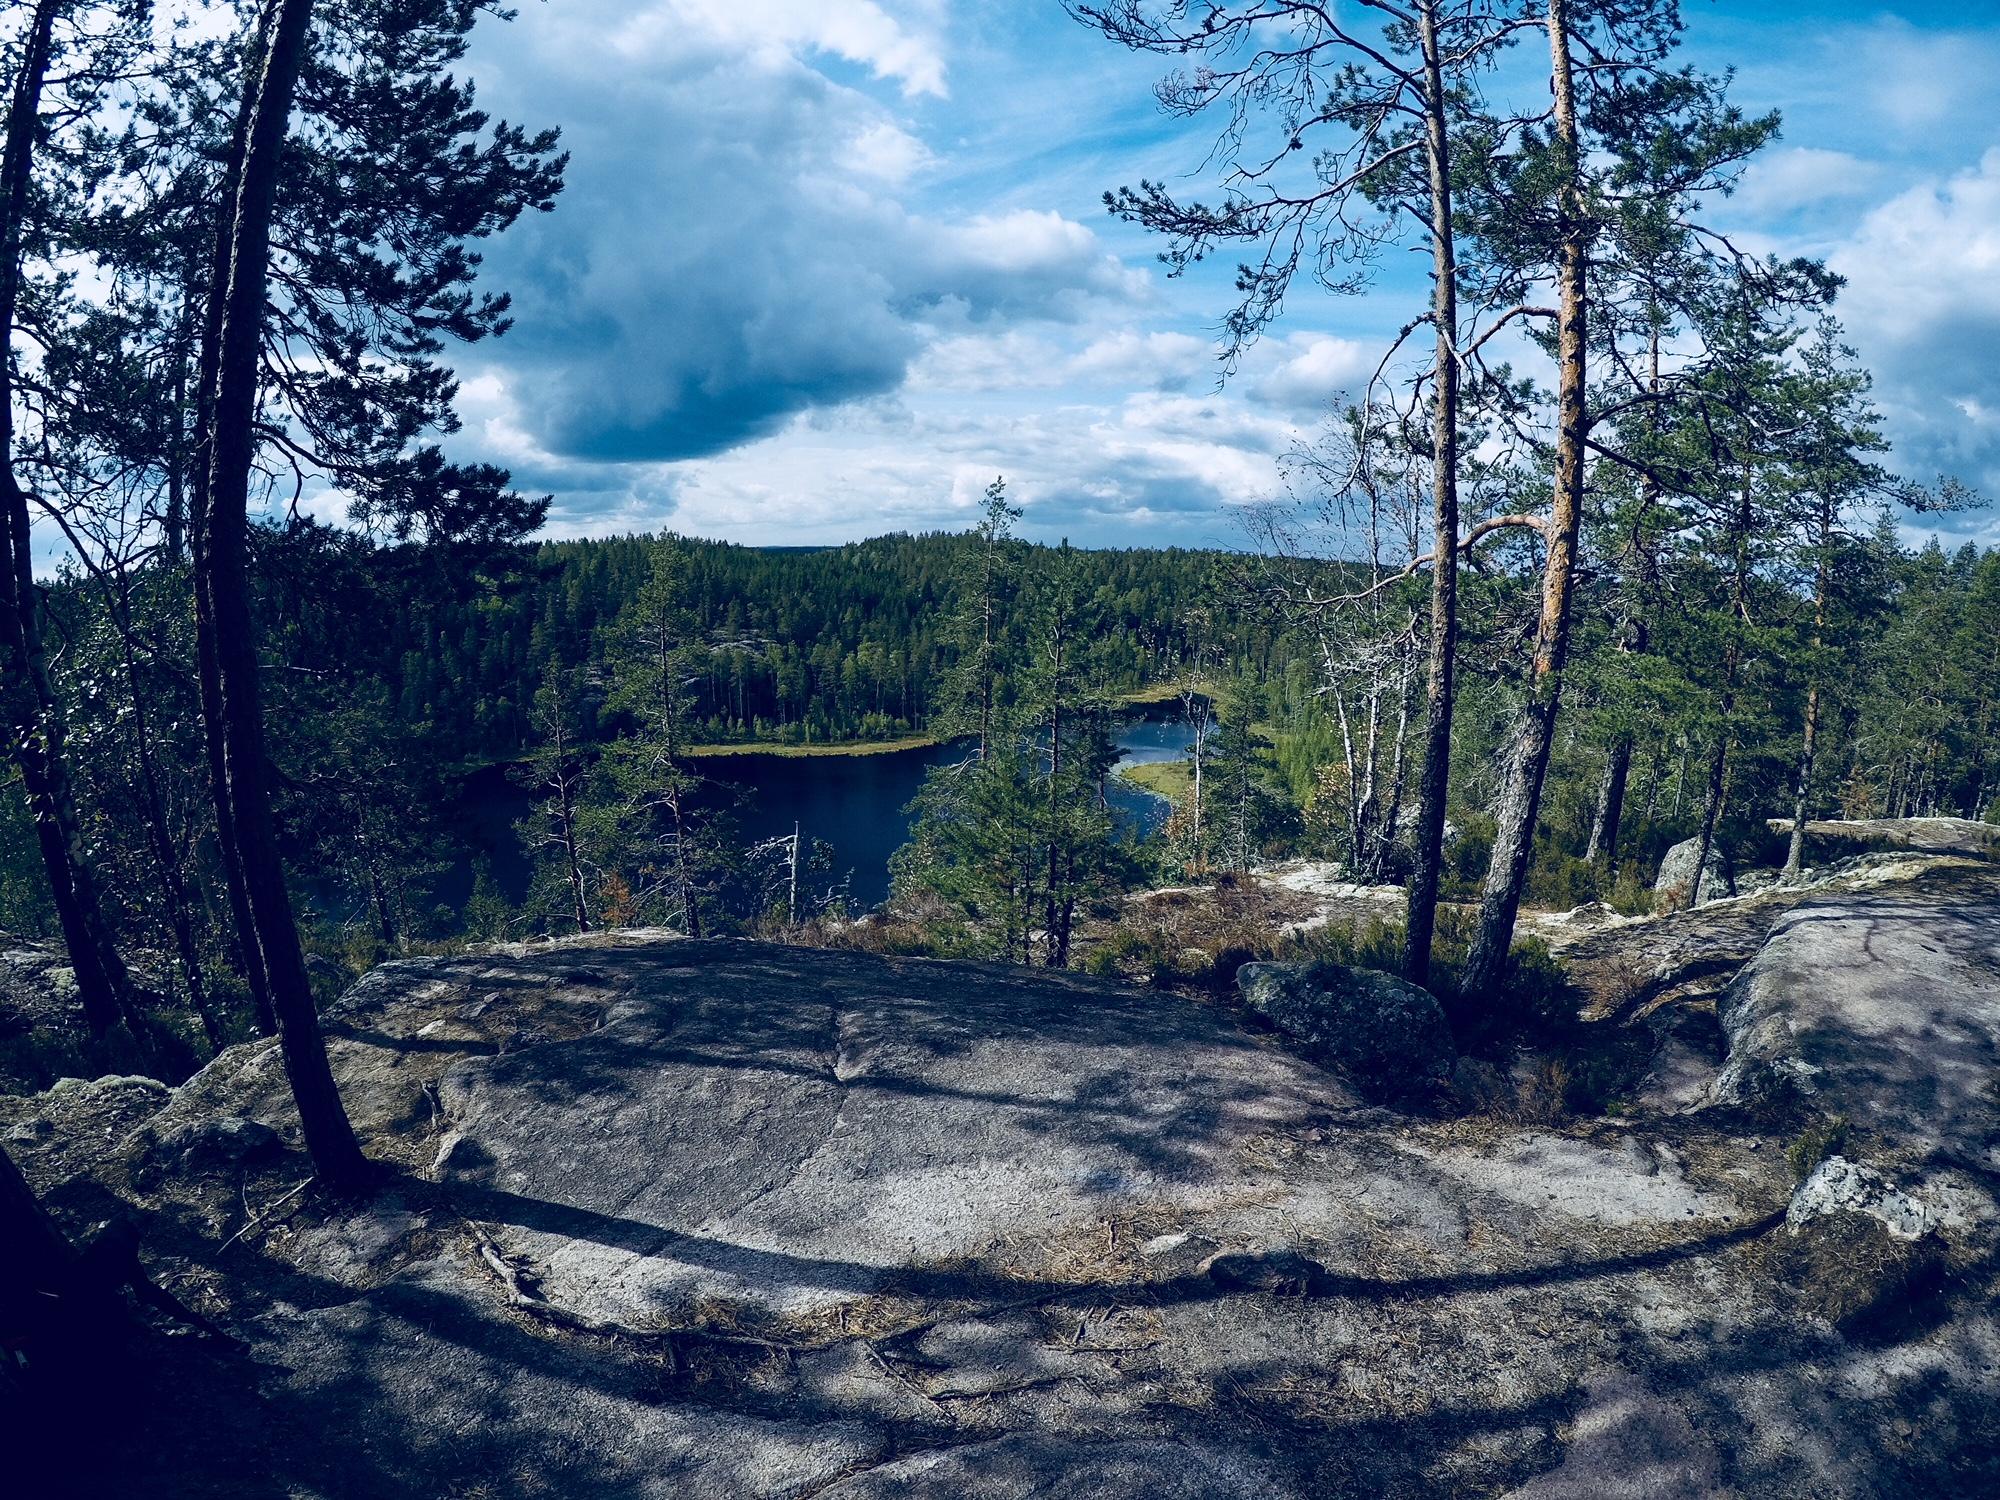 Repoveden kansallispuiston Tervajärven maisemat